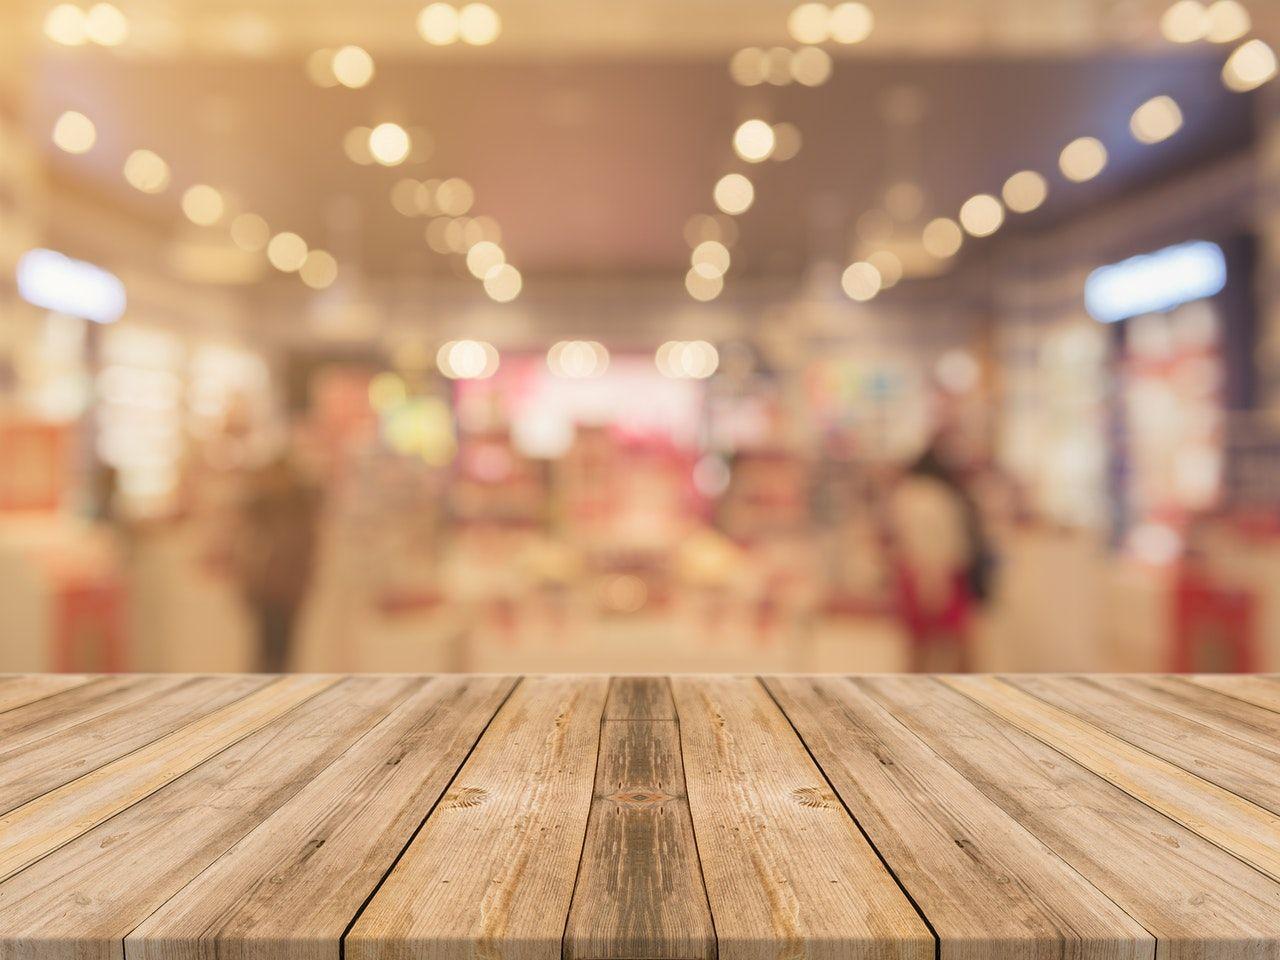 Limpieza Pulido da 10 consejos para mantener la salud de la madera en un hogar